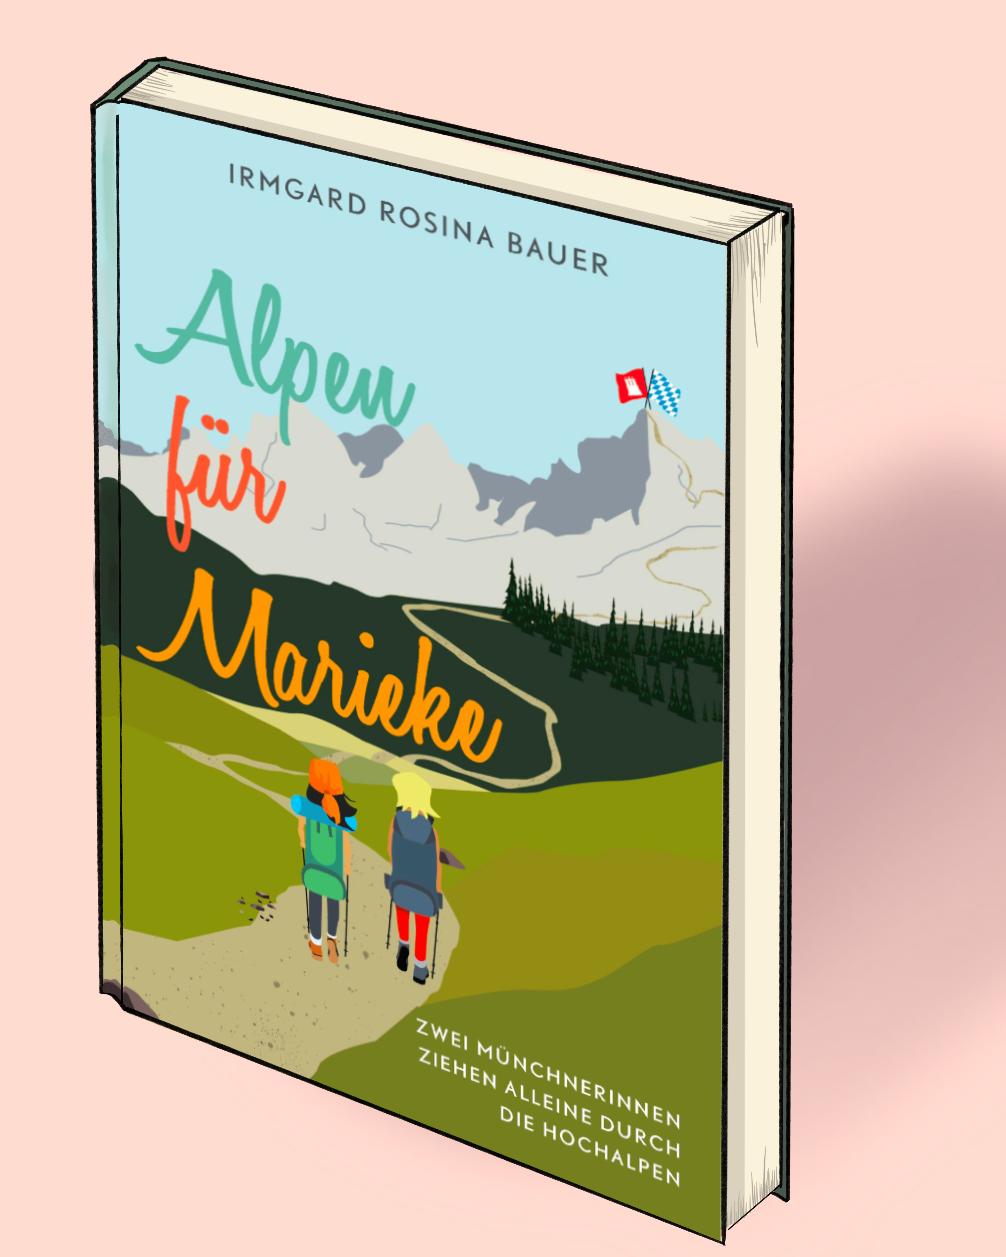 Alpen für Marieke: